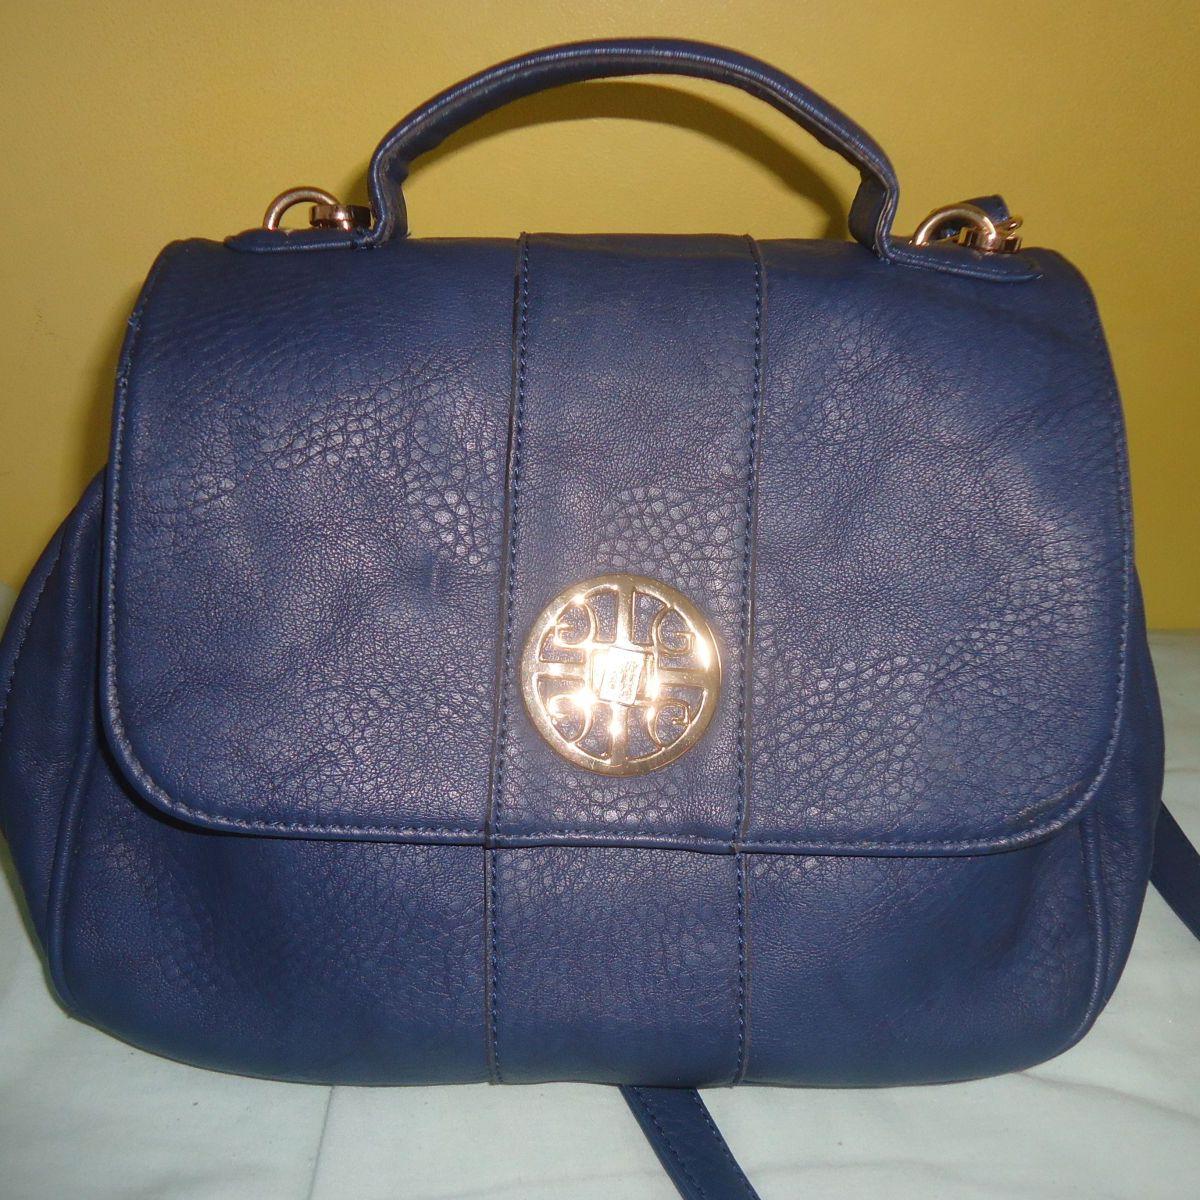 b5faa5107 Bolsa de Ombro e Mão Azul Ana Luxory | Bolsa de Ombro Feminina Ana Luxory  Nunca Usado 1064717 | enjoei